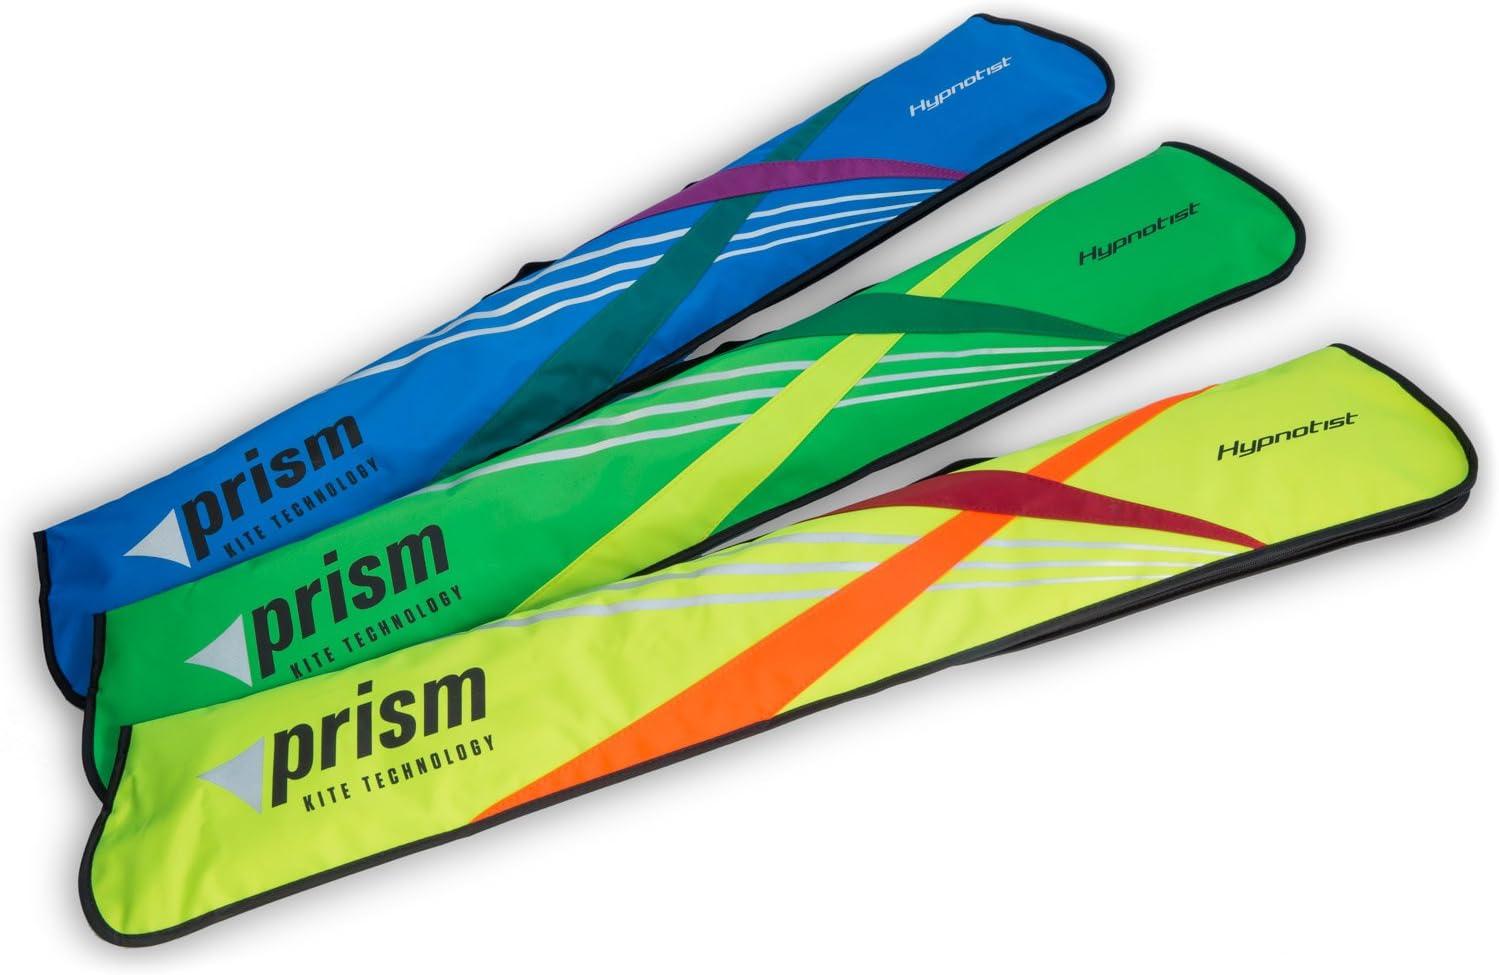 Prism Hypnotist Dual-line Stunt Kite